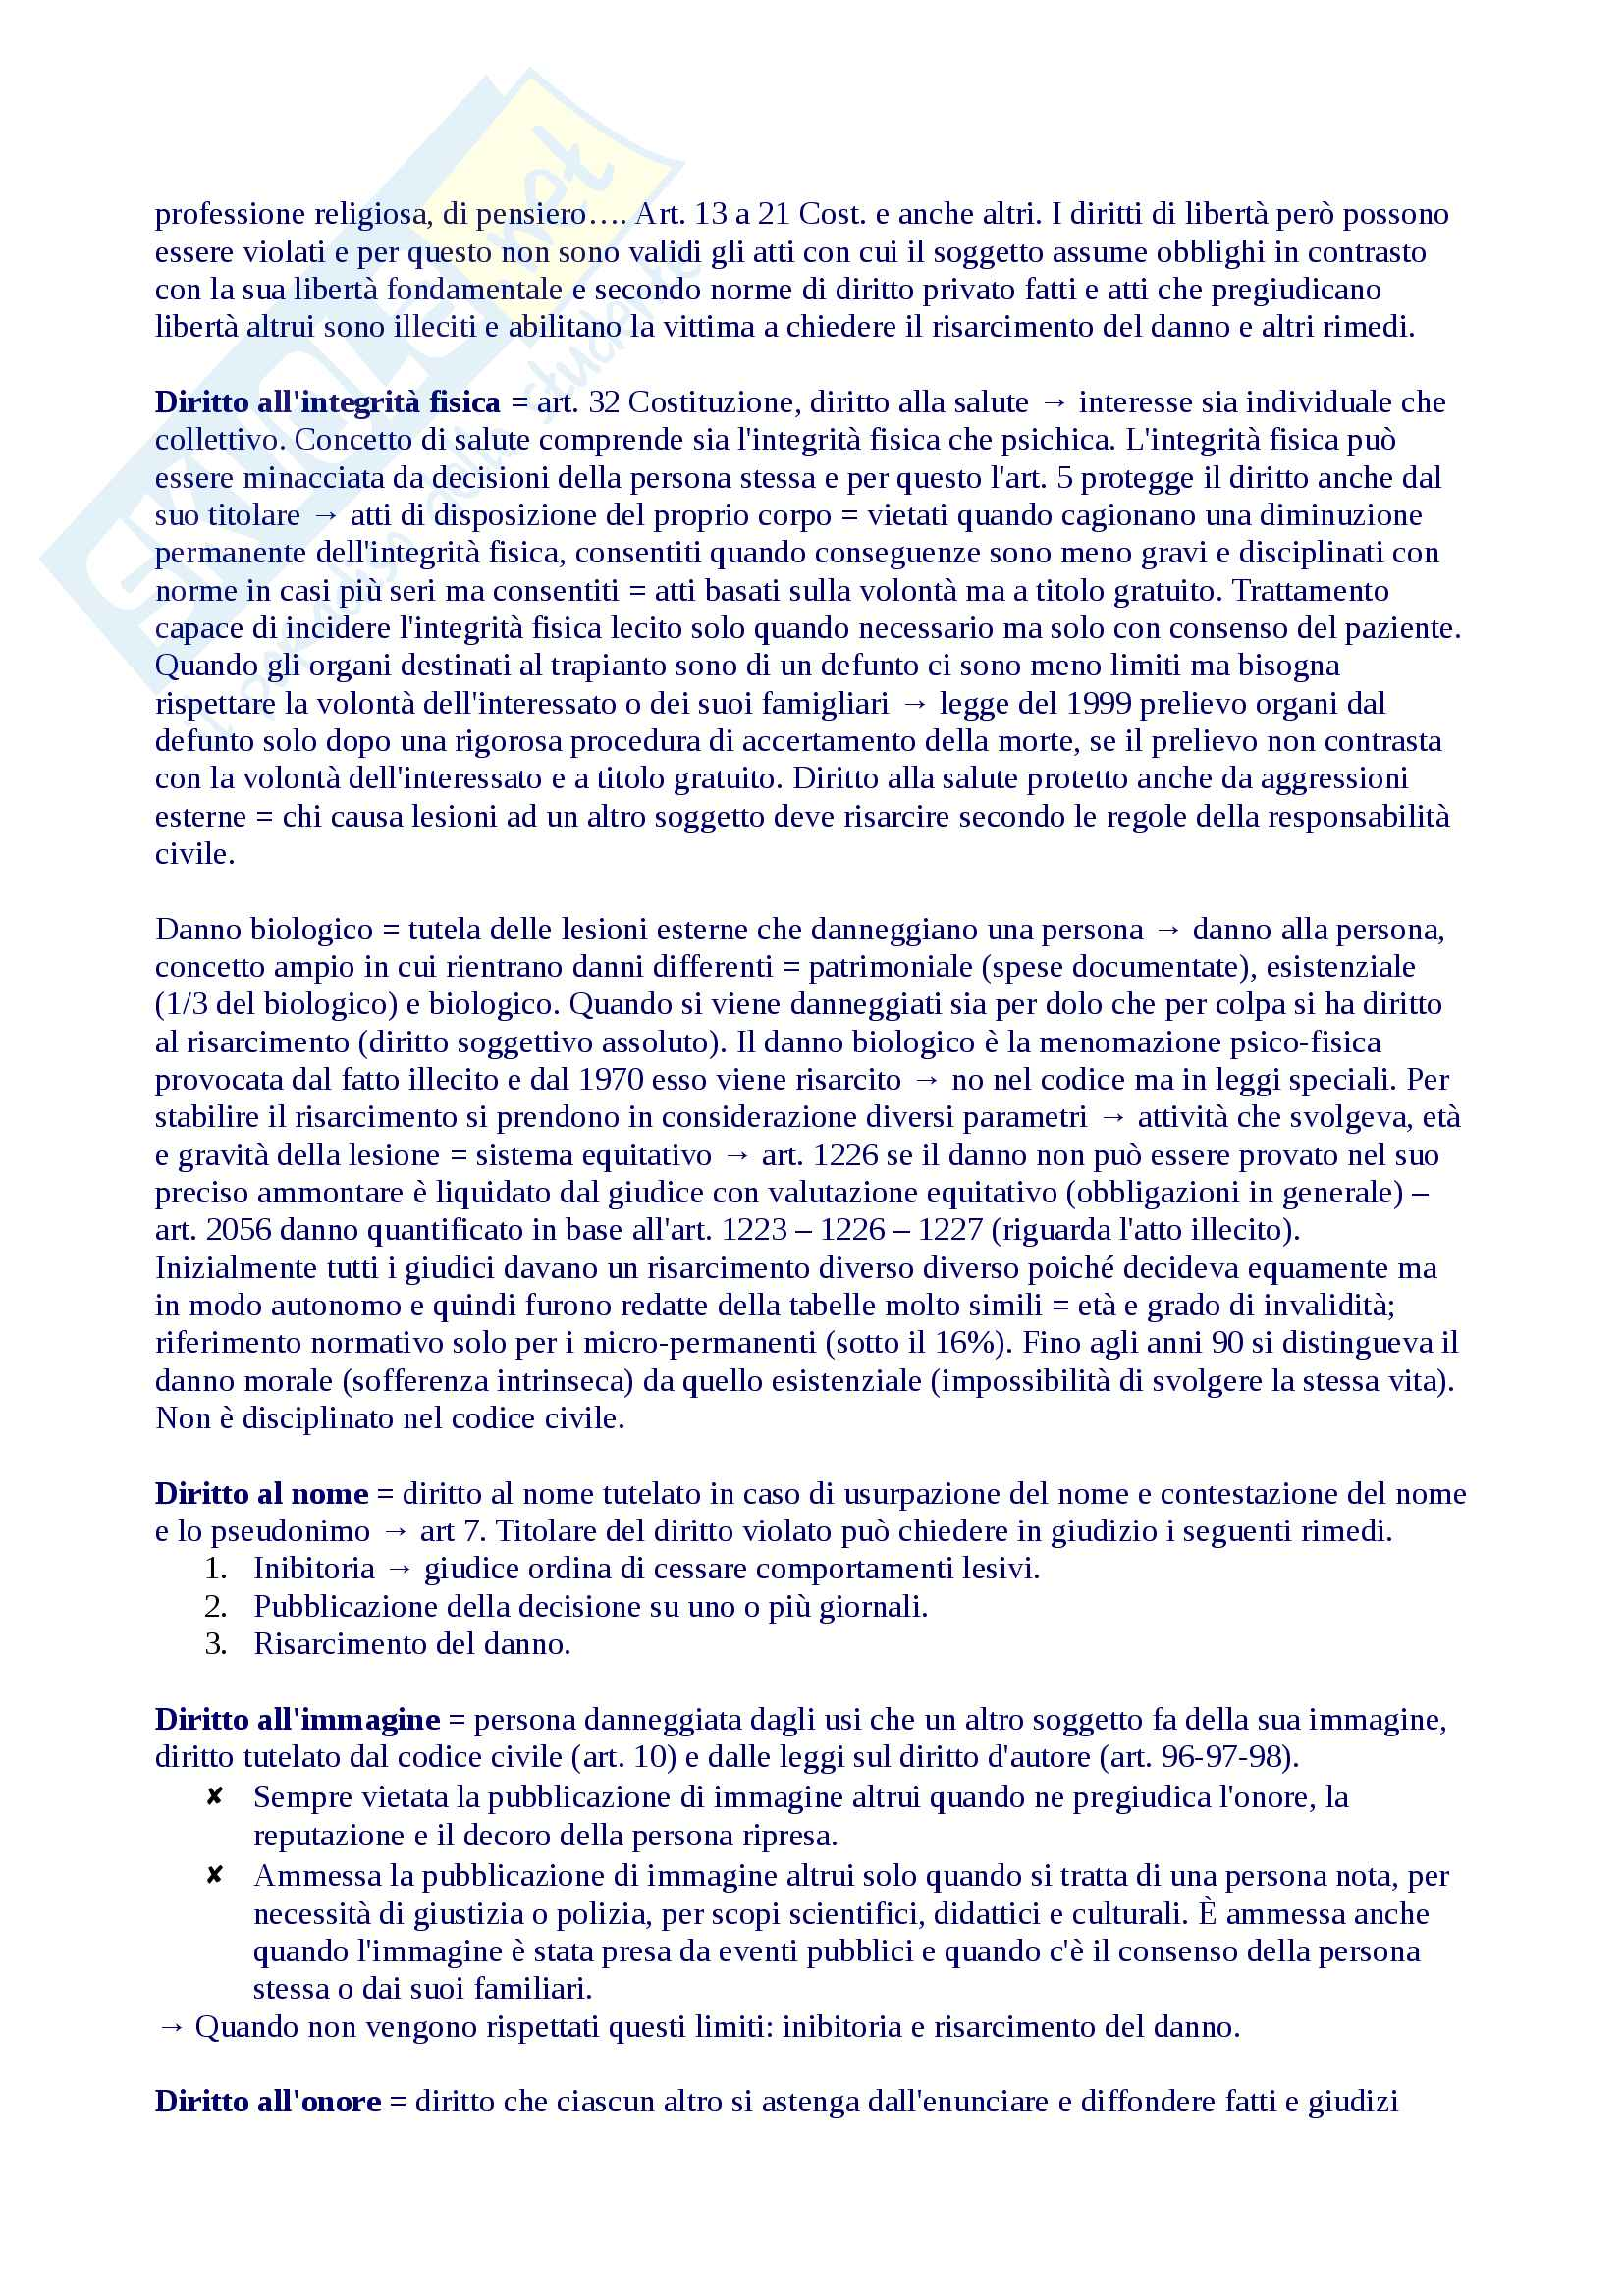 Riassunto diritto privato 1, libro consigliato Roppo Pag. 21